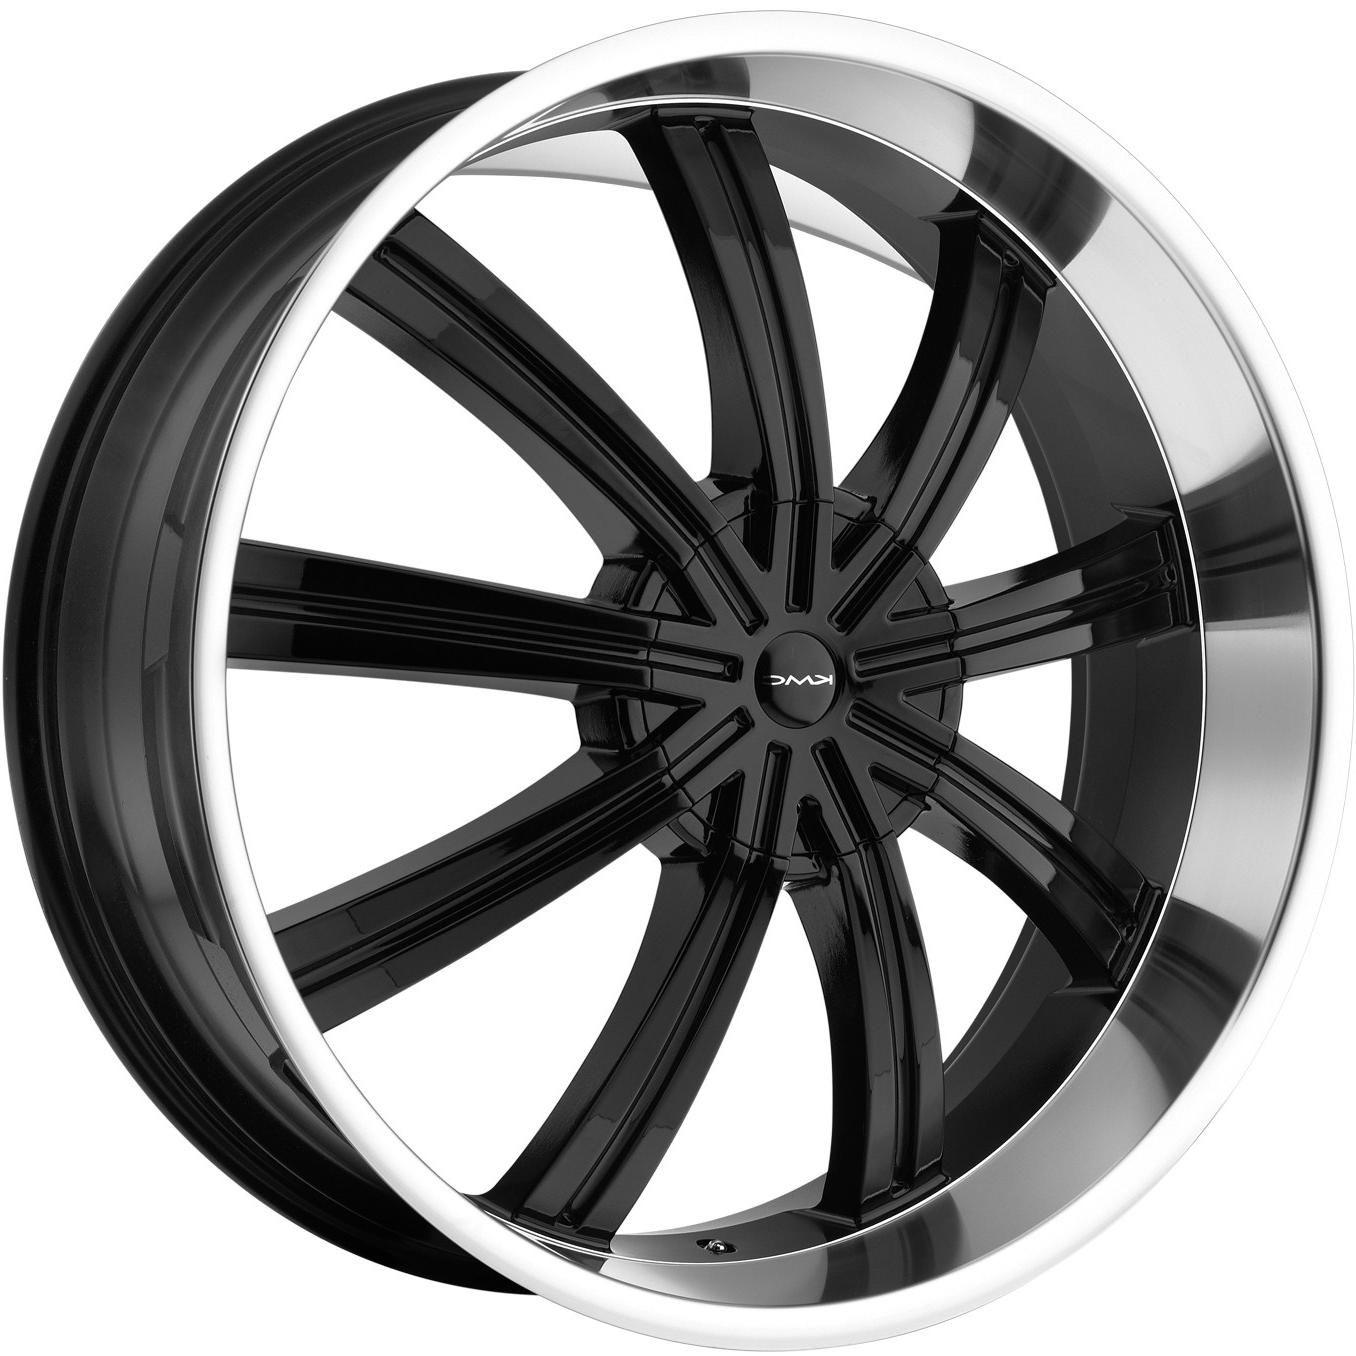 24 Black KMC Widow Wheels Rims Chevy Tahoe Silverado Yukon Ford F150